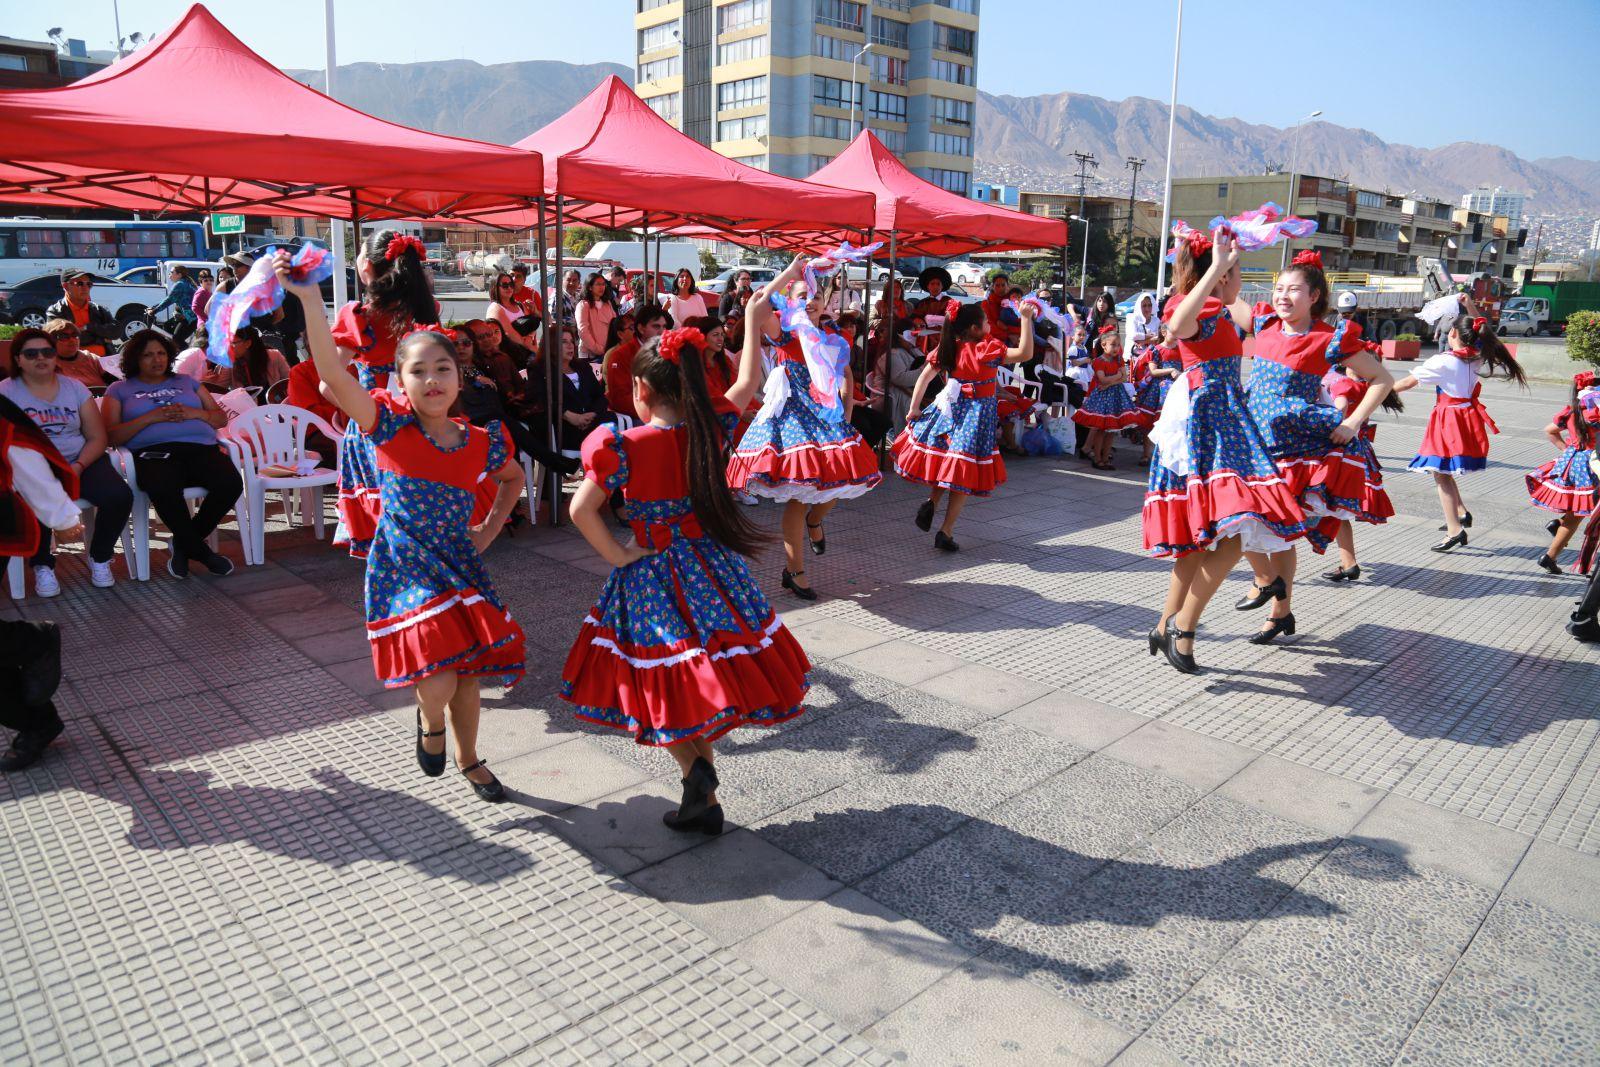 con-tres-dias-de-fiesta-municipalidad-de-antofagasta-celebrara-las-fiestas-patrias